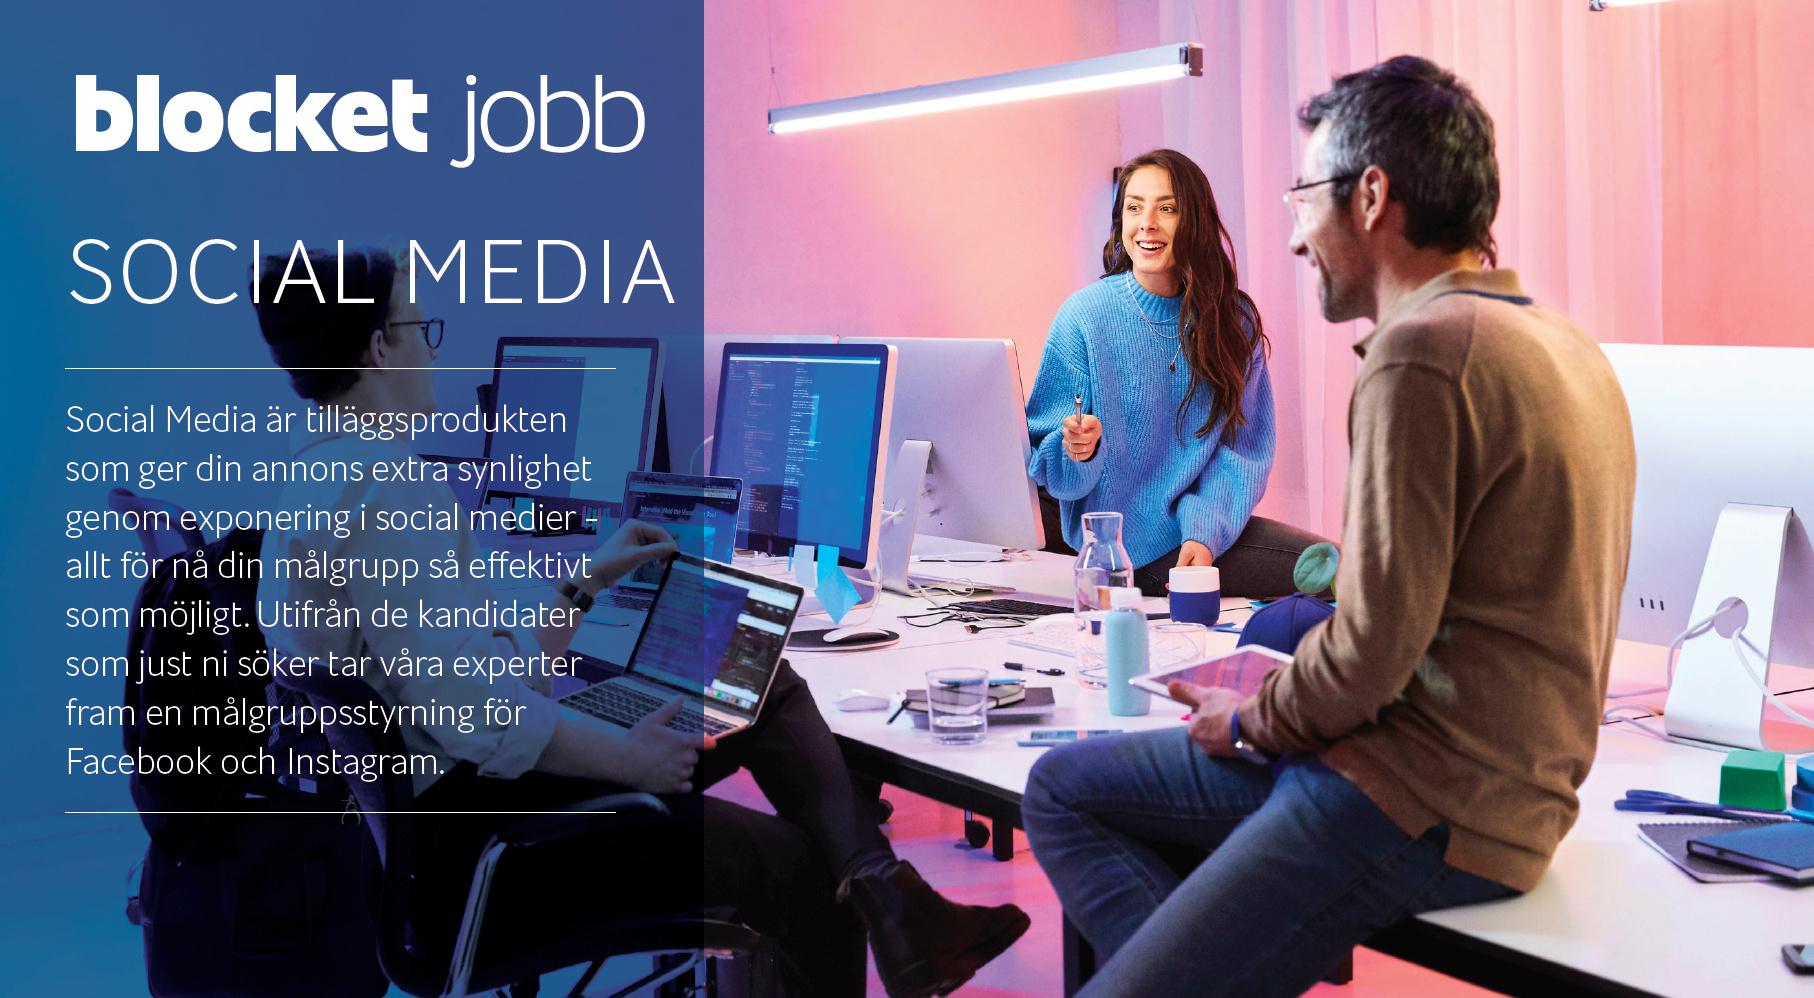 Social Media -Tilläggsprodukten som ger din annons extra synlighet genom exponering i social medier - allt för nå din målgrupp så effektivt som möjligt.